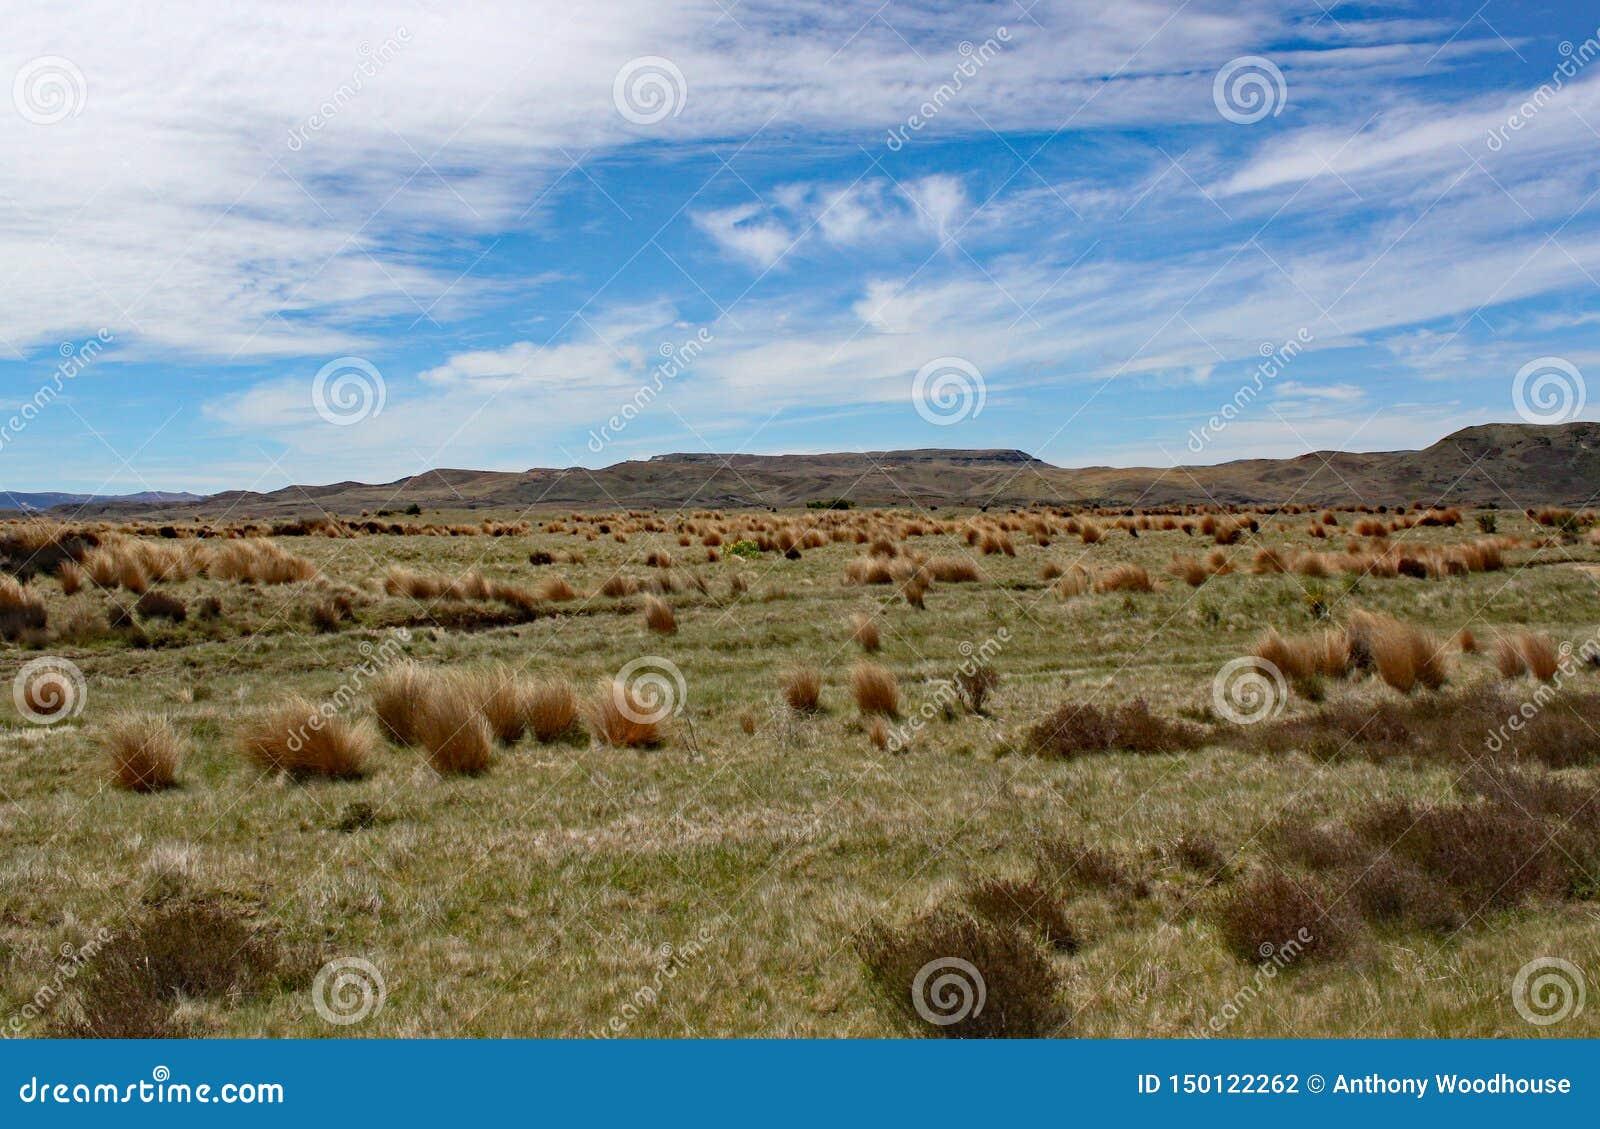 Szeroko otwarty przestrzenie waikato region Nowa Zelandia